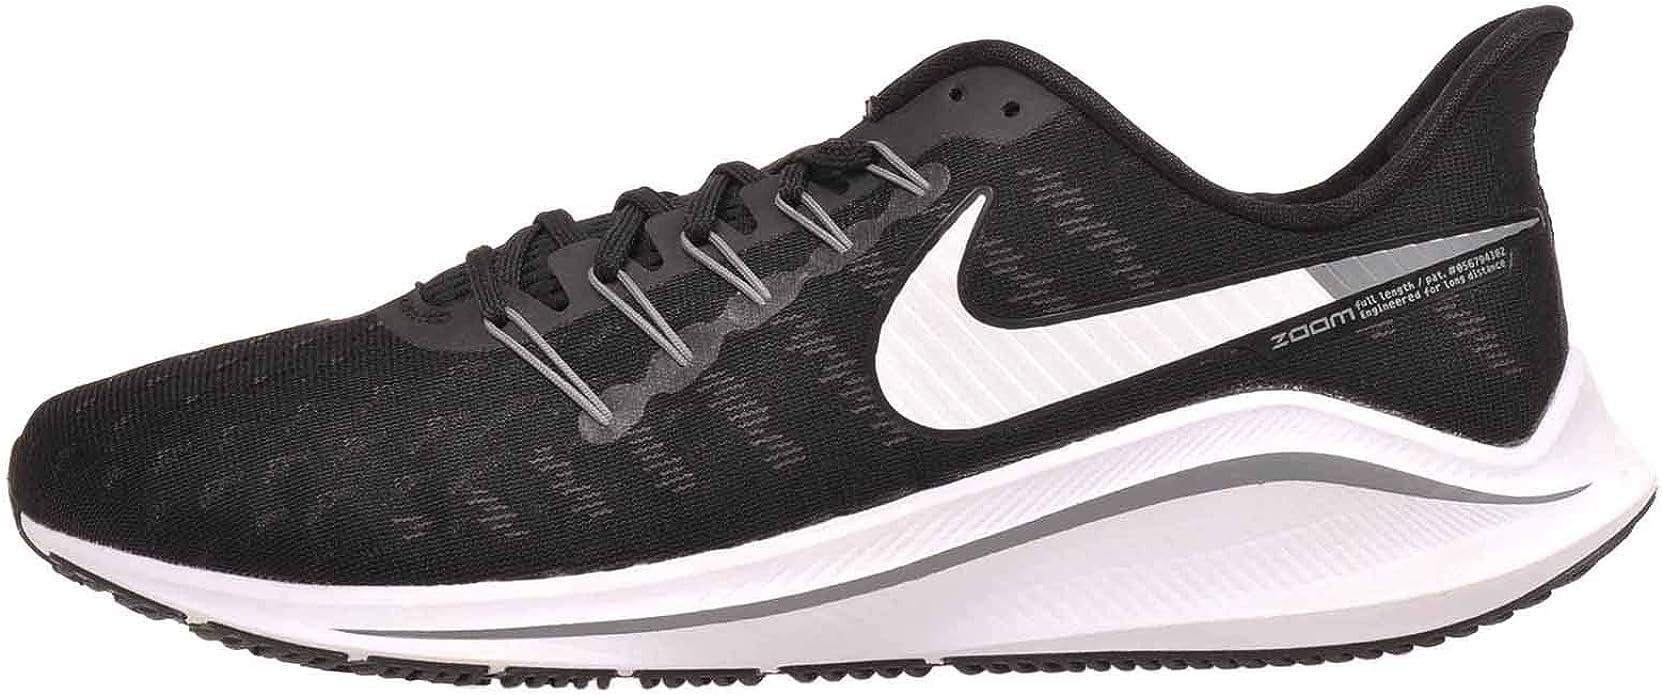 NIKE Air Zoom Vomero 14 (4e), Zapatillas de Atletismo para Hombre: Amazon.es: Zapatos y complementos